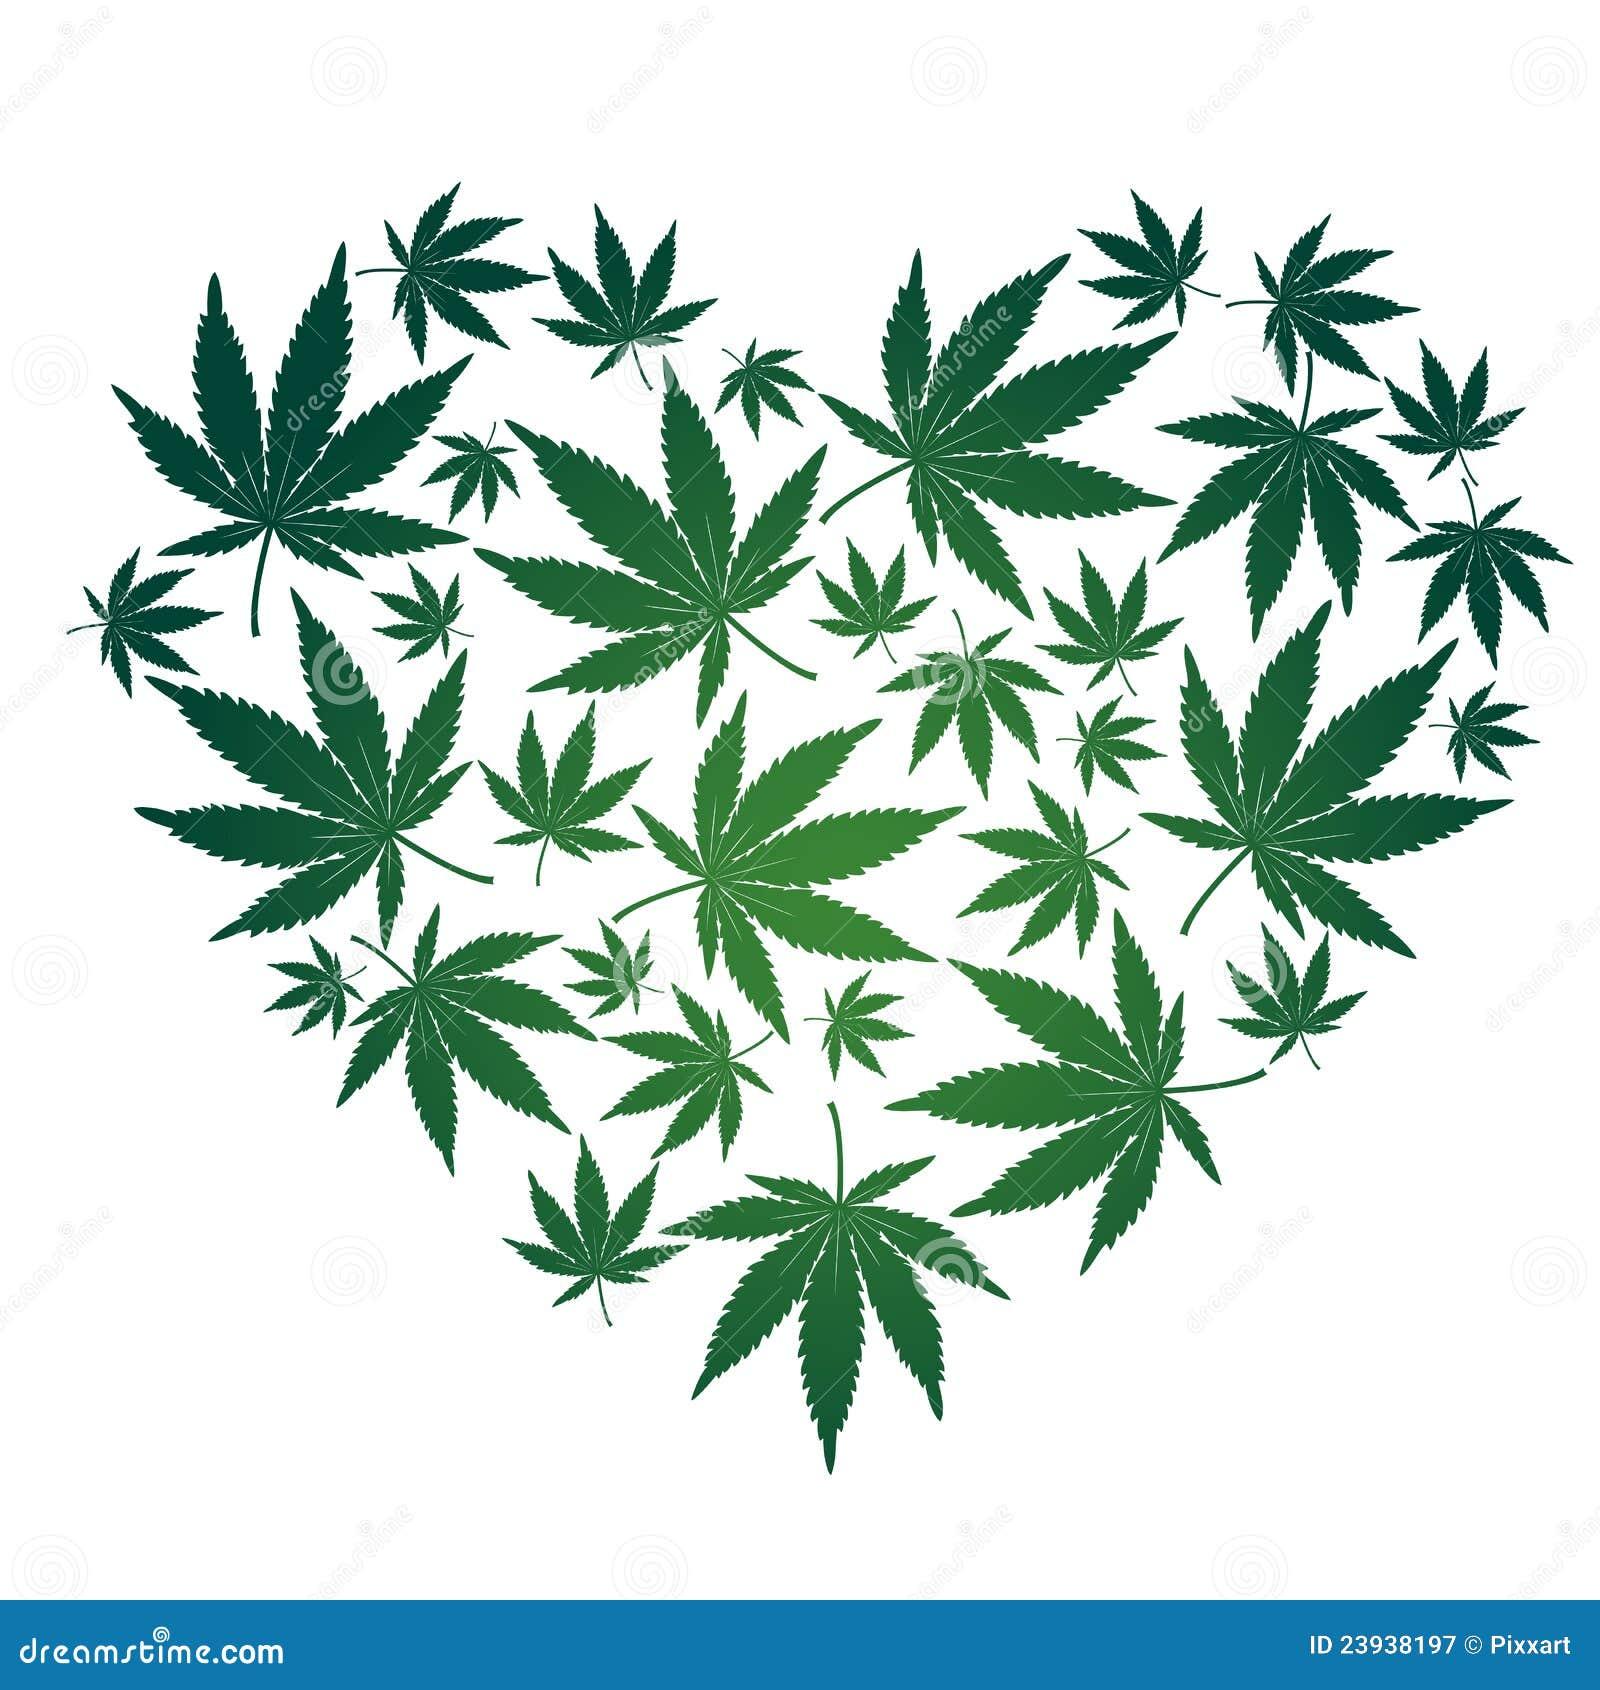 Сердце от конопли фото марихуана конопля